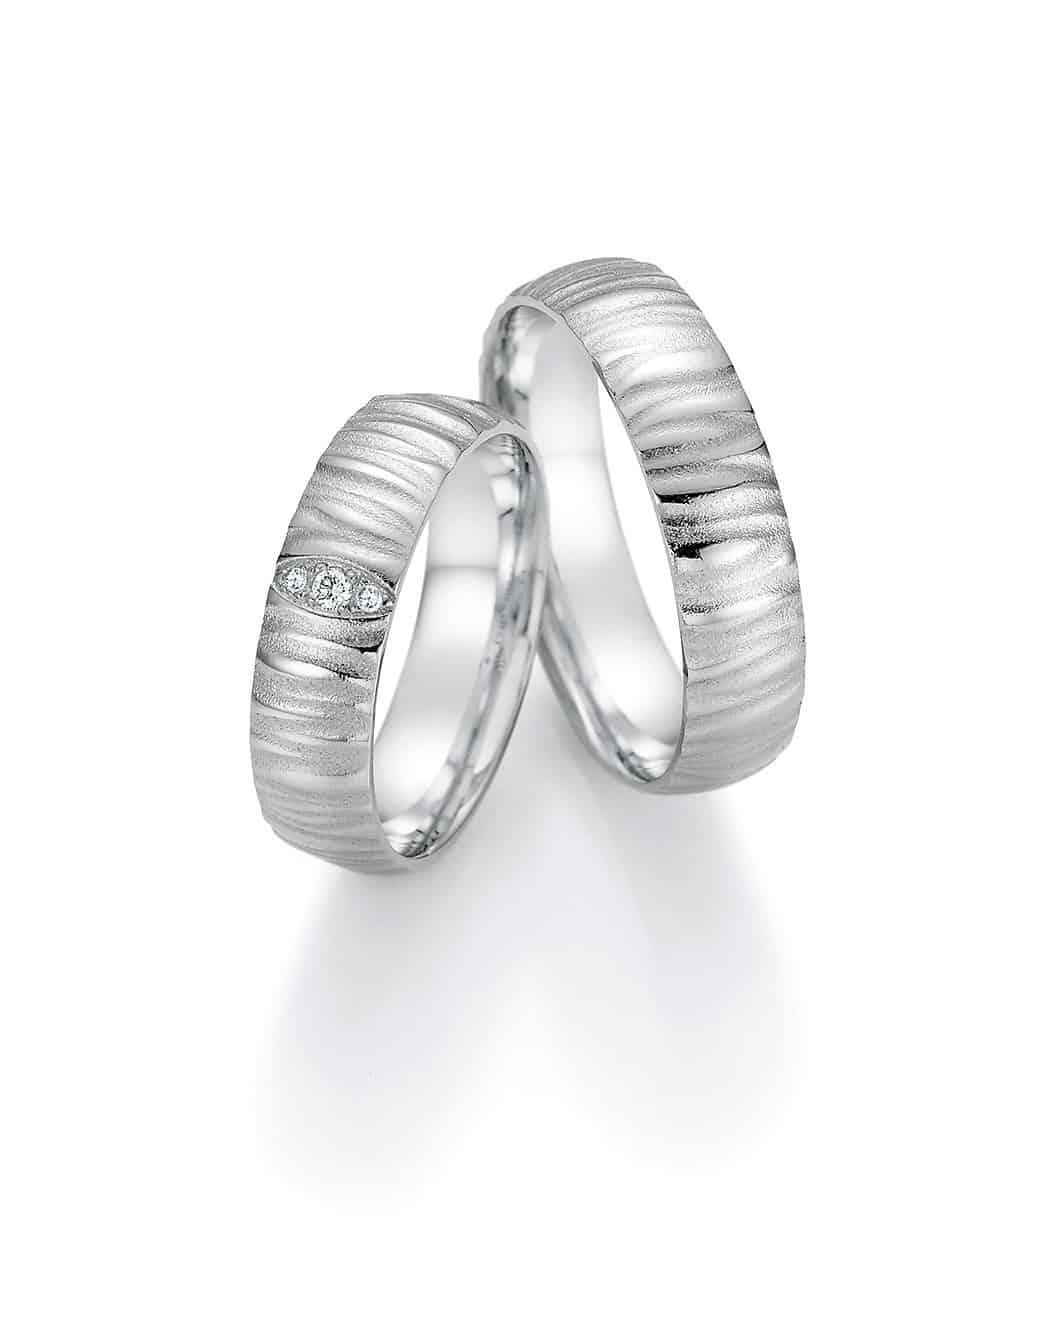 Ráj snubních prstenů 1